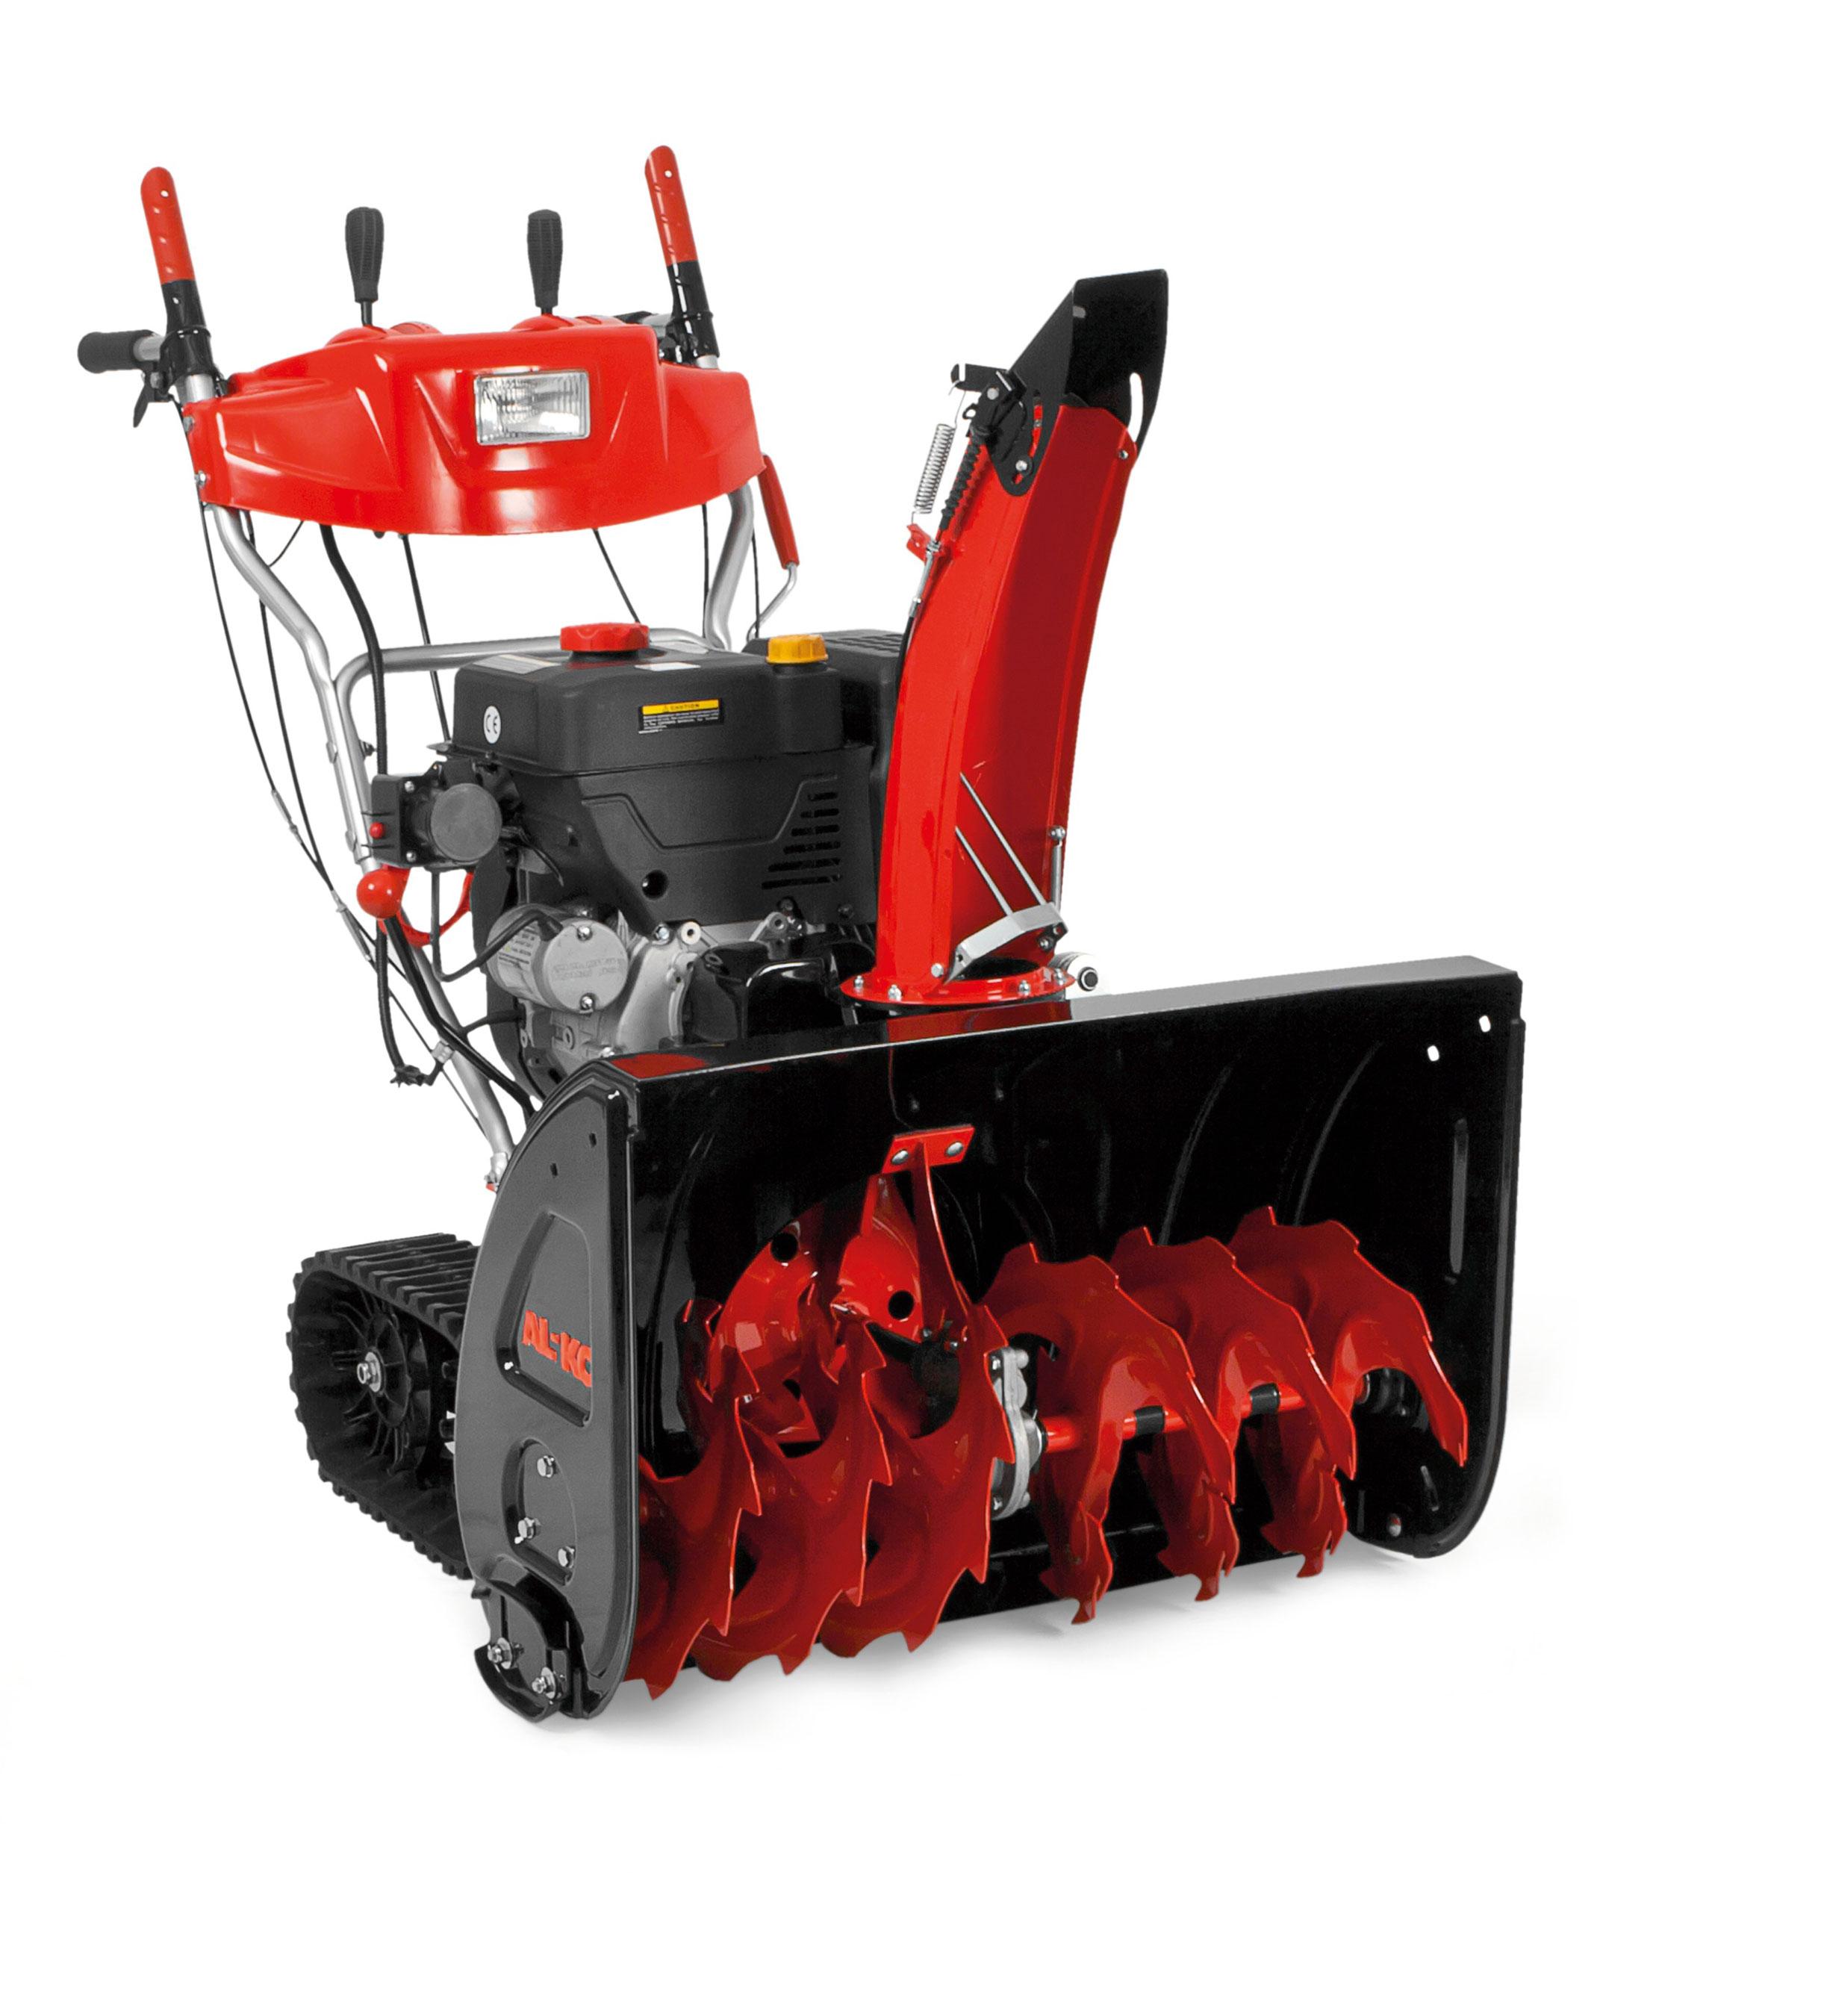 AL-KO Benzin Schneefräse SnowLine 760 TE 9kW Arbeitsbreite 76cm Bild 1